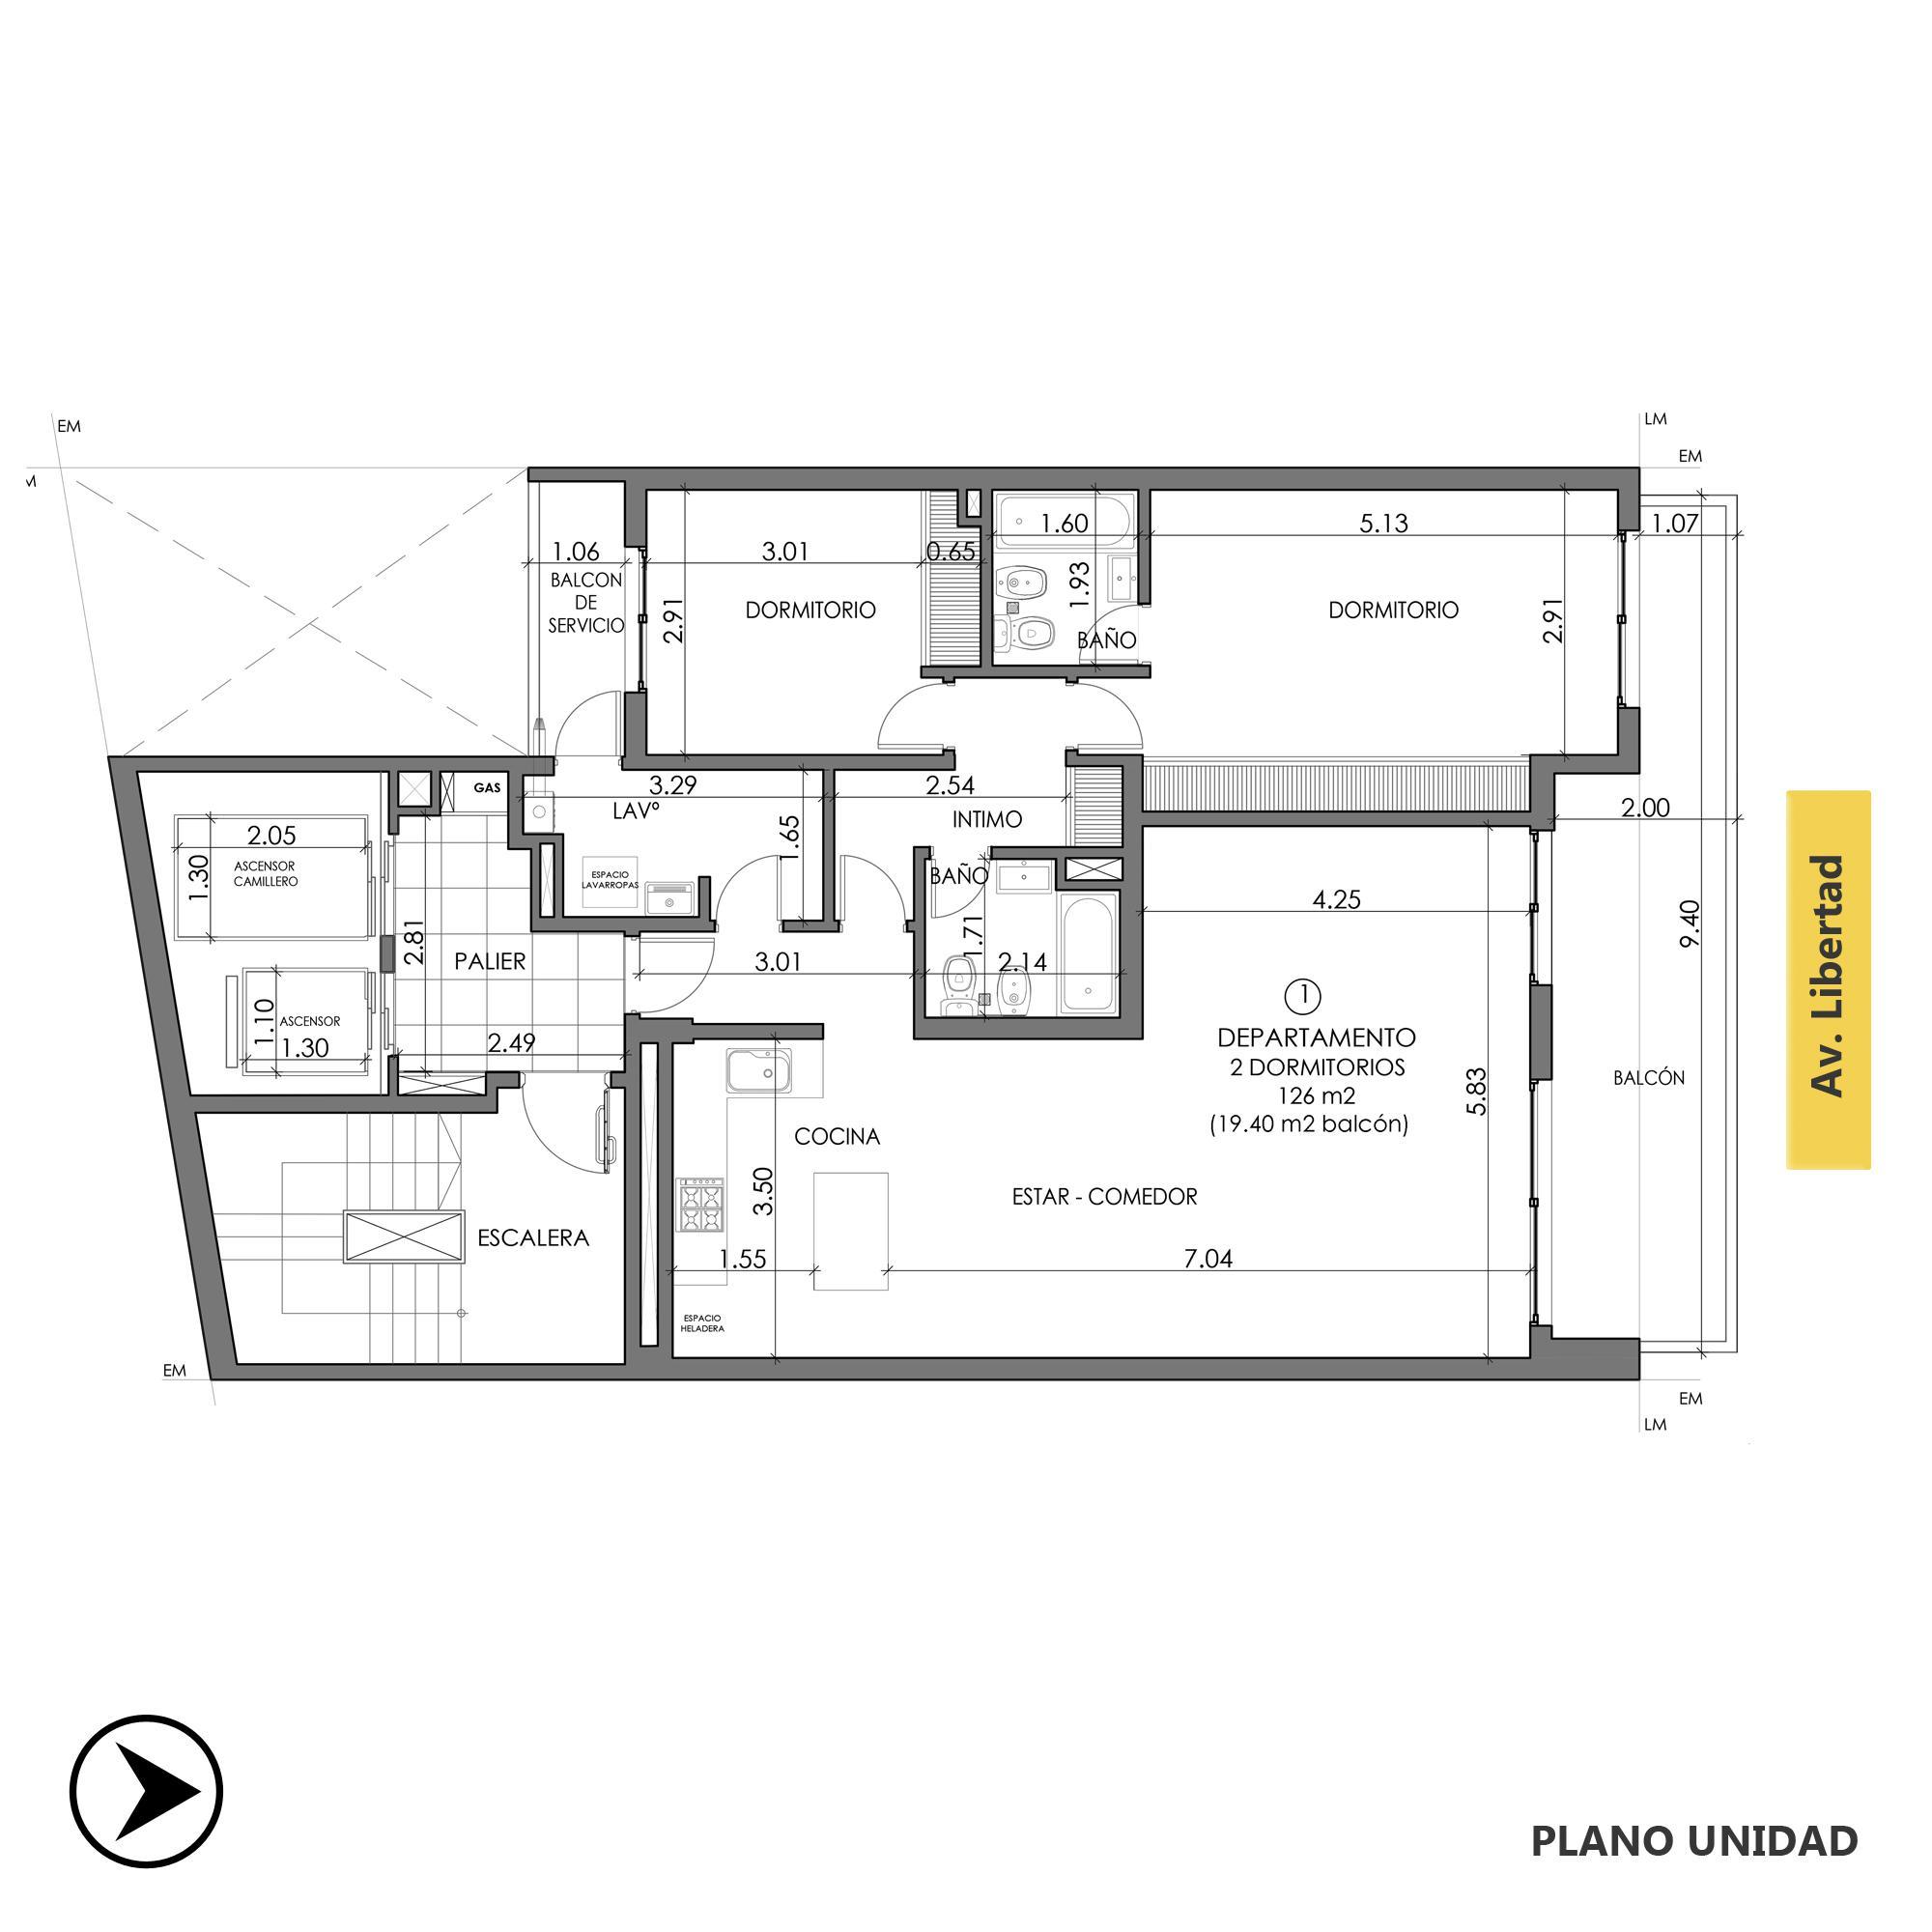 Venta departamento 2 dormitorios Rosario, Centro. Cod CBU20816 AP2039443. Crestale Propiedades